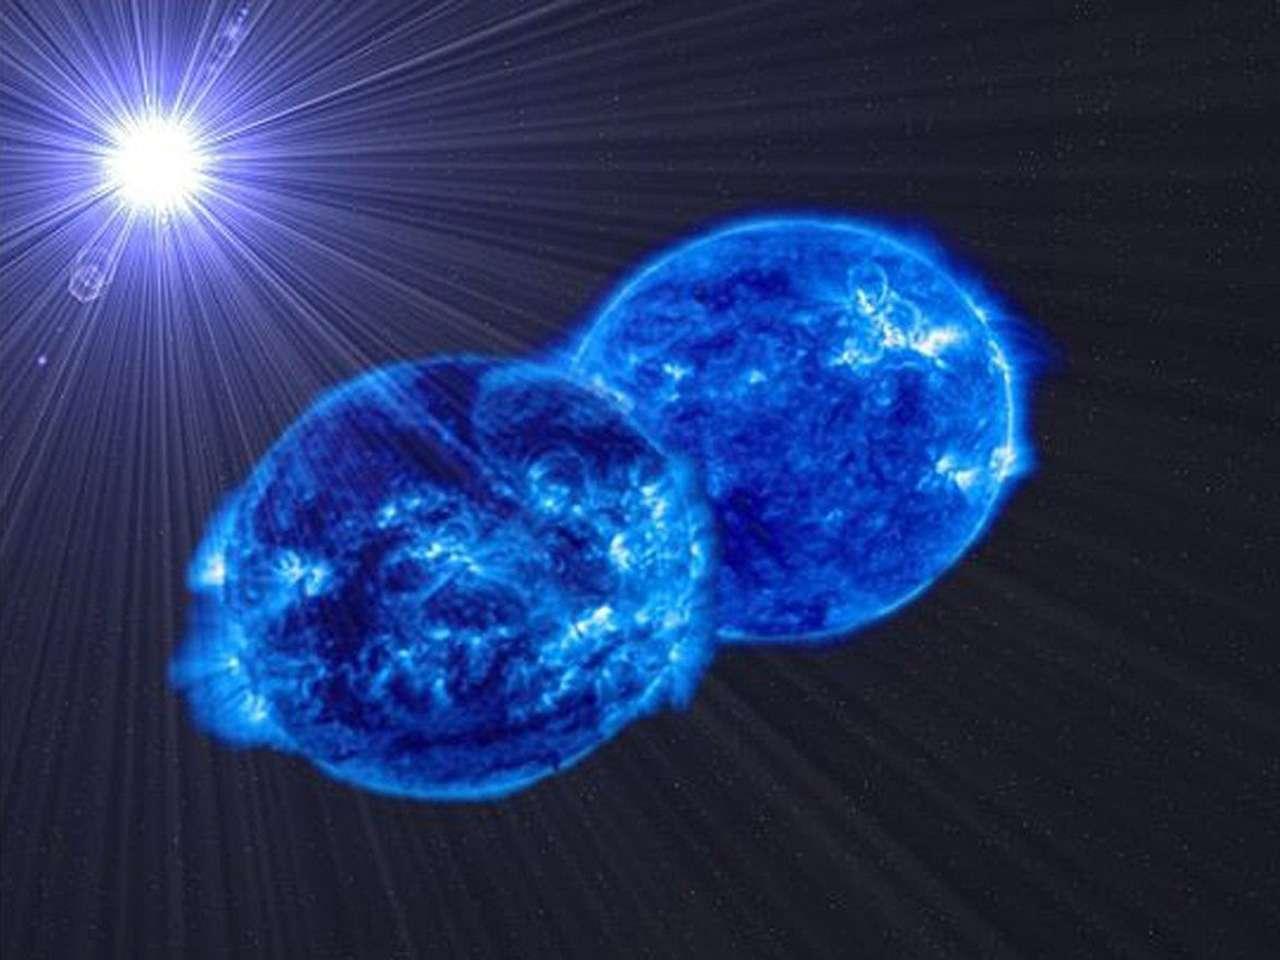 Imagen facilitada por el Instituto de Astrofísica de Canarias (IAC) de dos estrellas que están tan próximas que se fusionarán en una supermasiva, según han observado investigadores de varios centros españoles, con lo que demuestran que las estrellas más masivas se forman por fusión de otras pequeñas, ha informado hoy el IAC. Foto: EFE en español